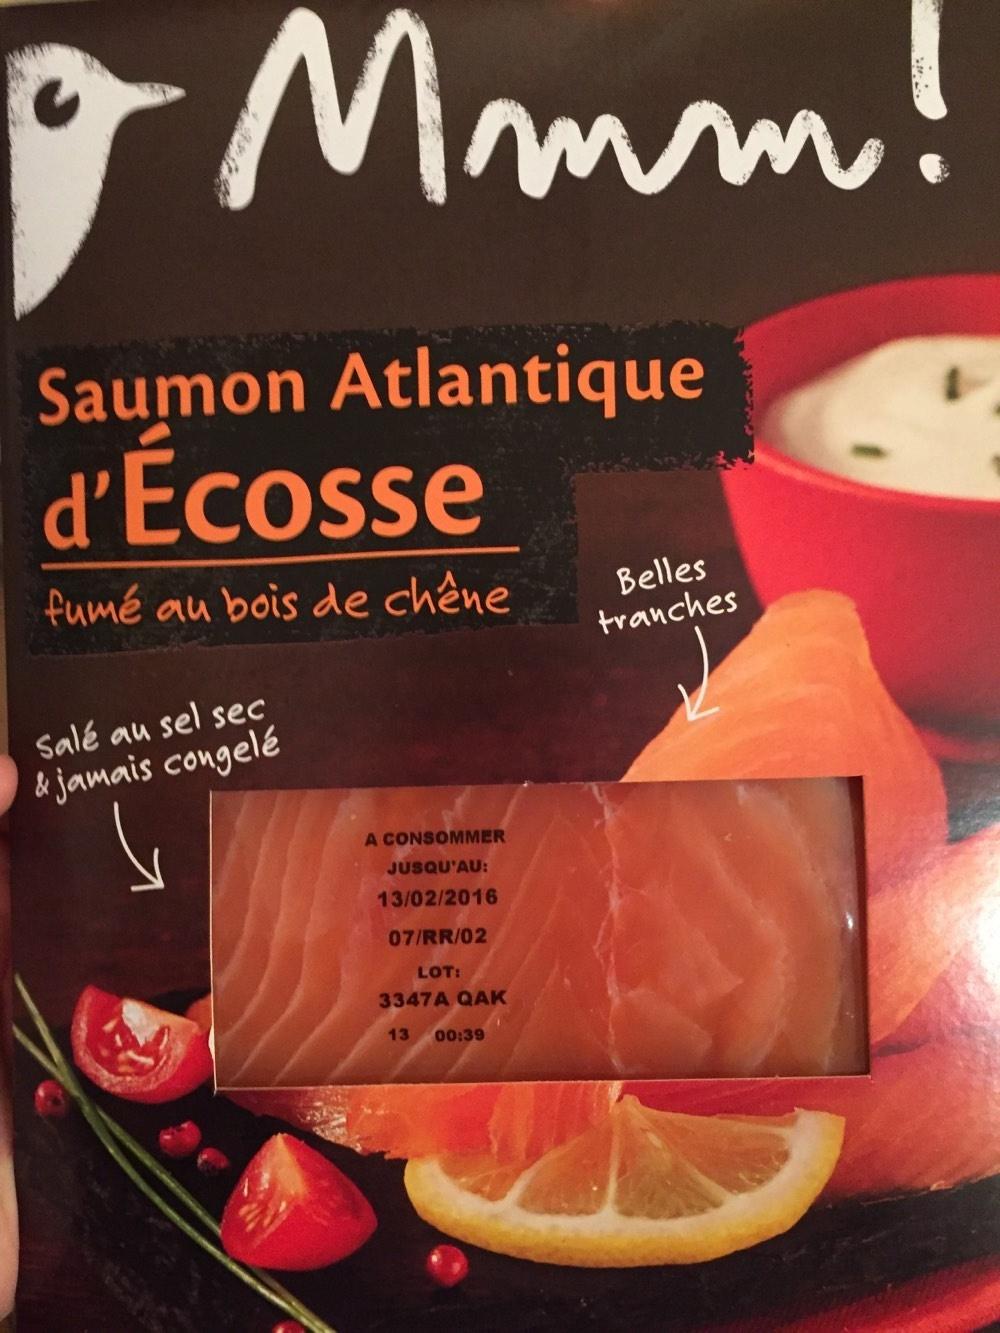 Saumon fumé Auchan - Product